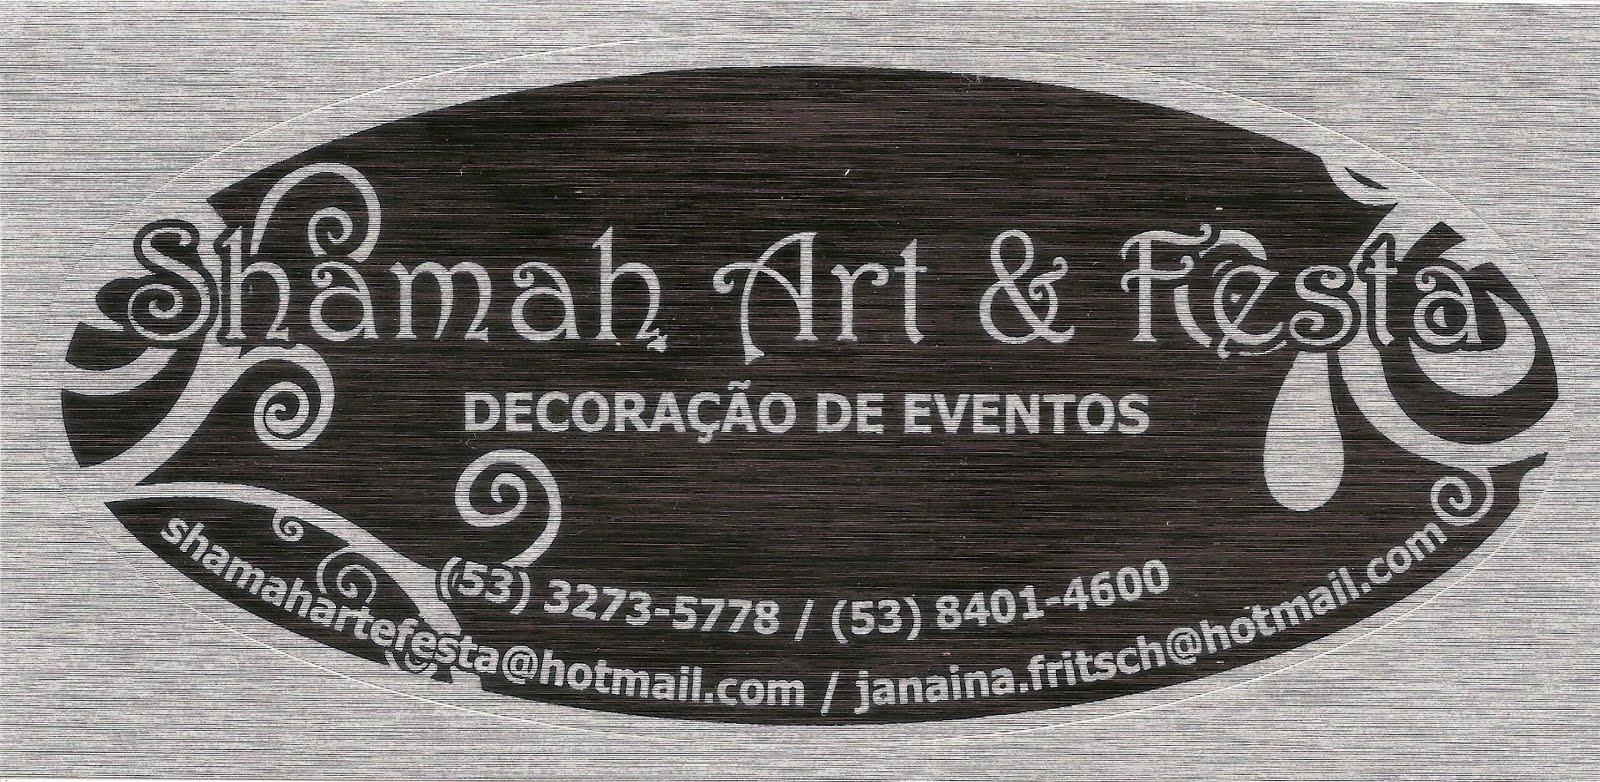 Art e Festa  Pelotas contato para decoração de festas e eventos